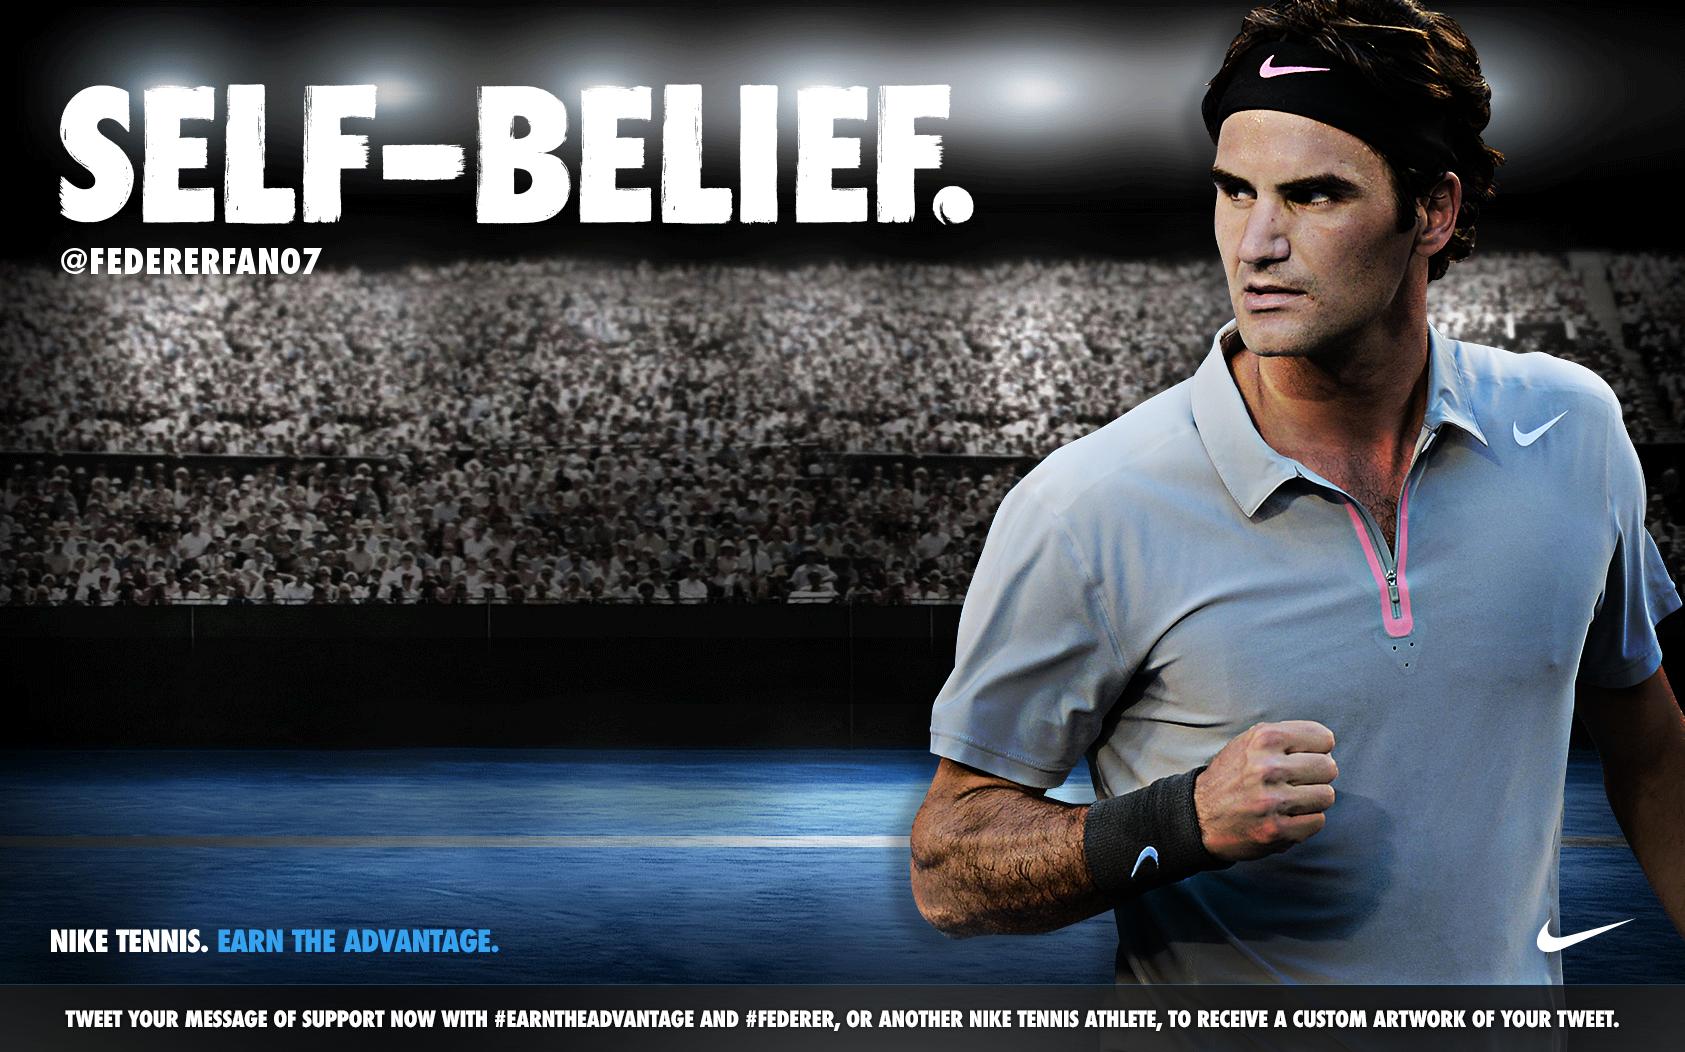 Tennis_RogerFederer-FEDERERFAN07-6